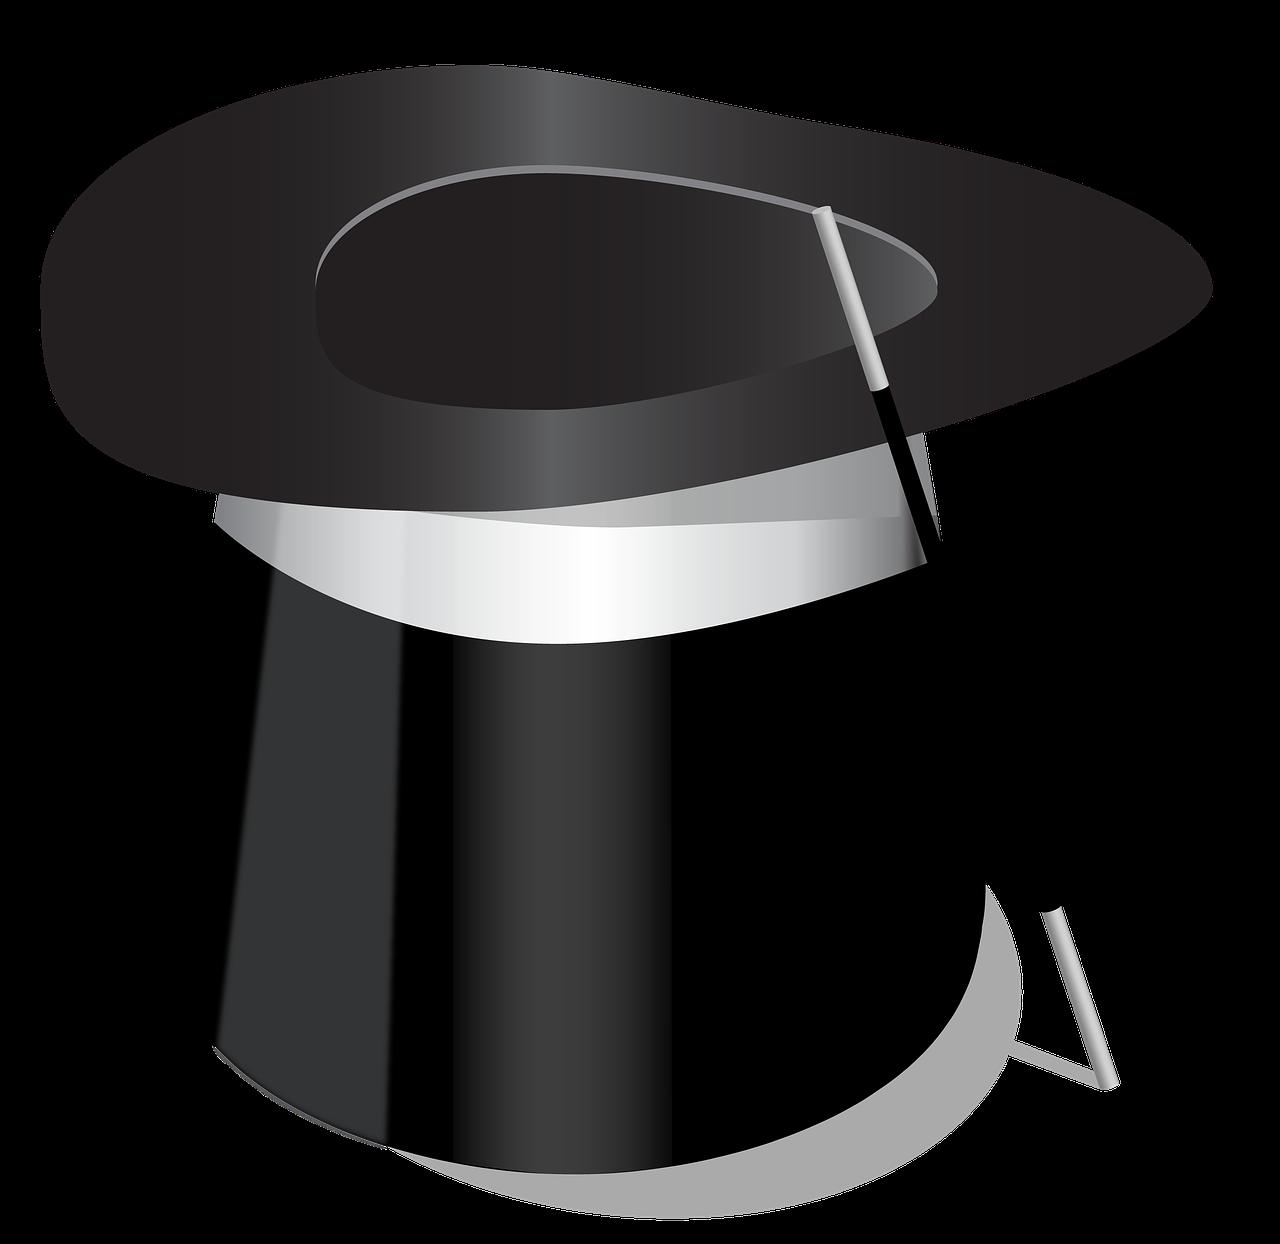 כובע של קוסמים